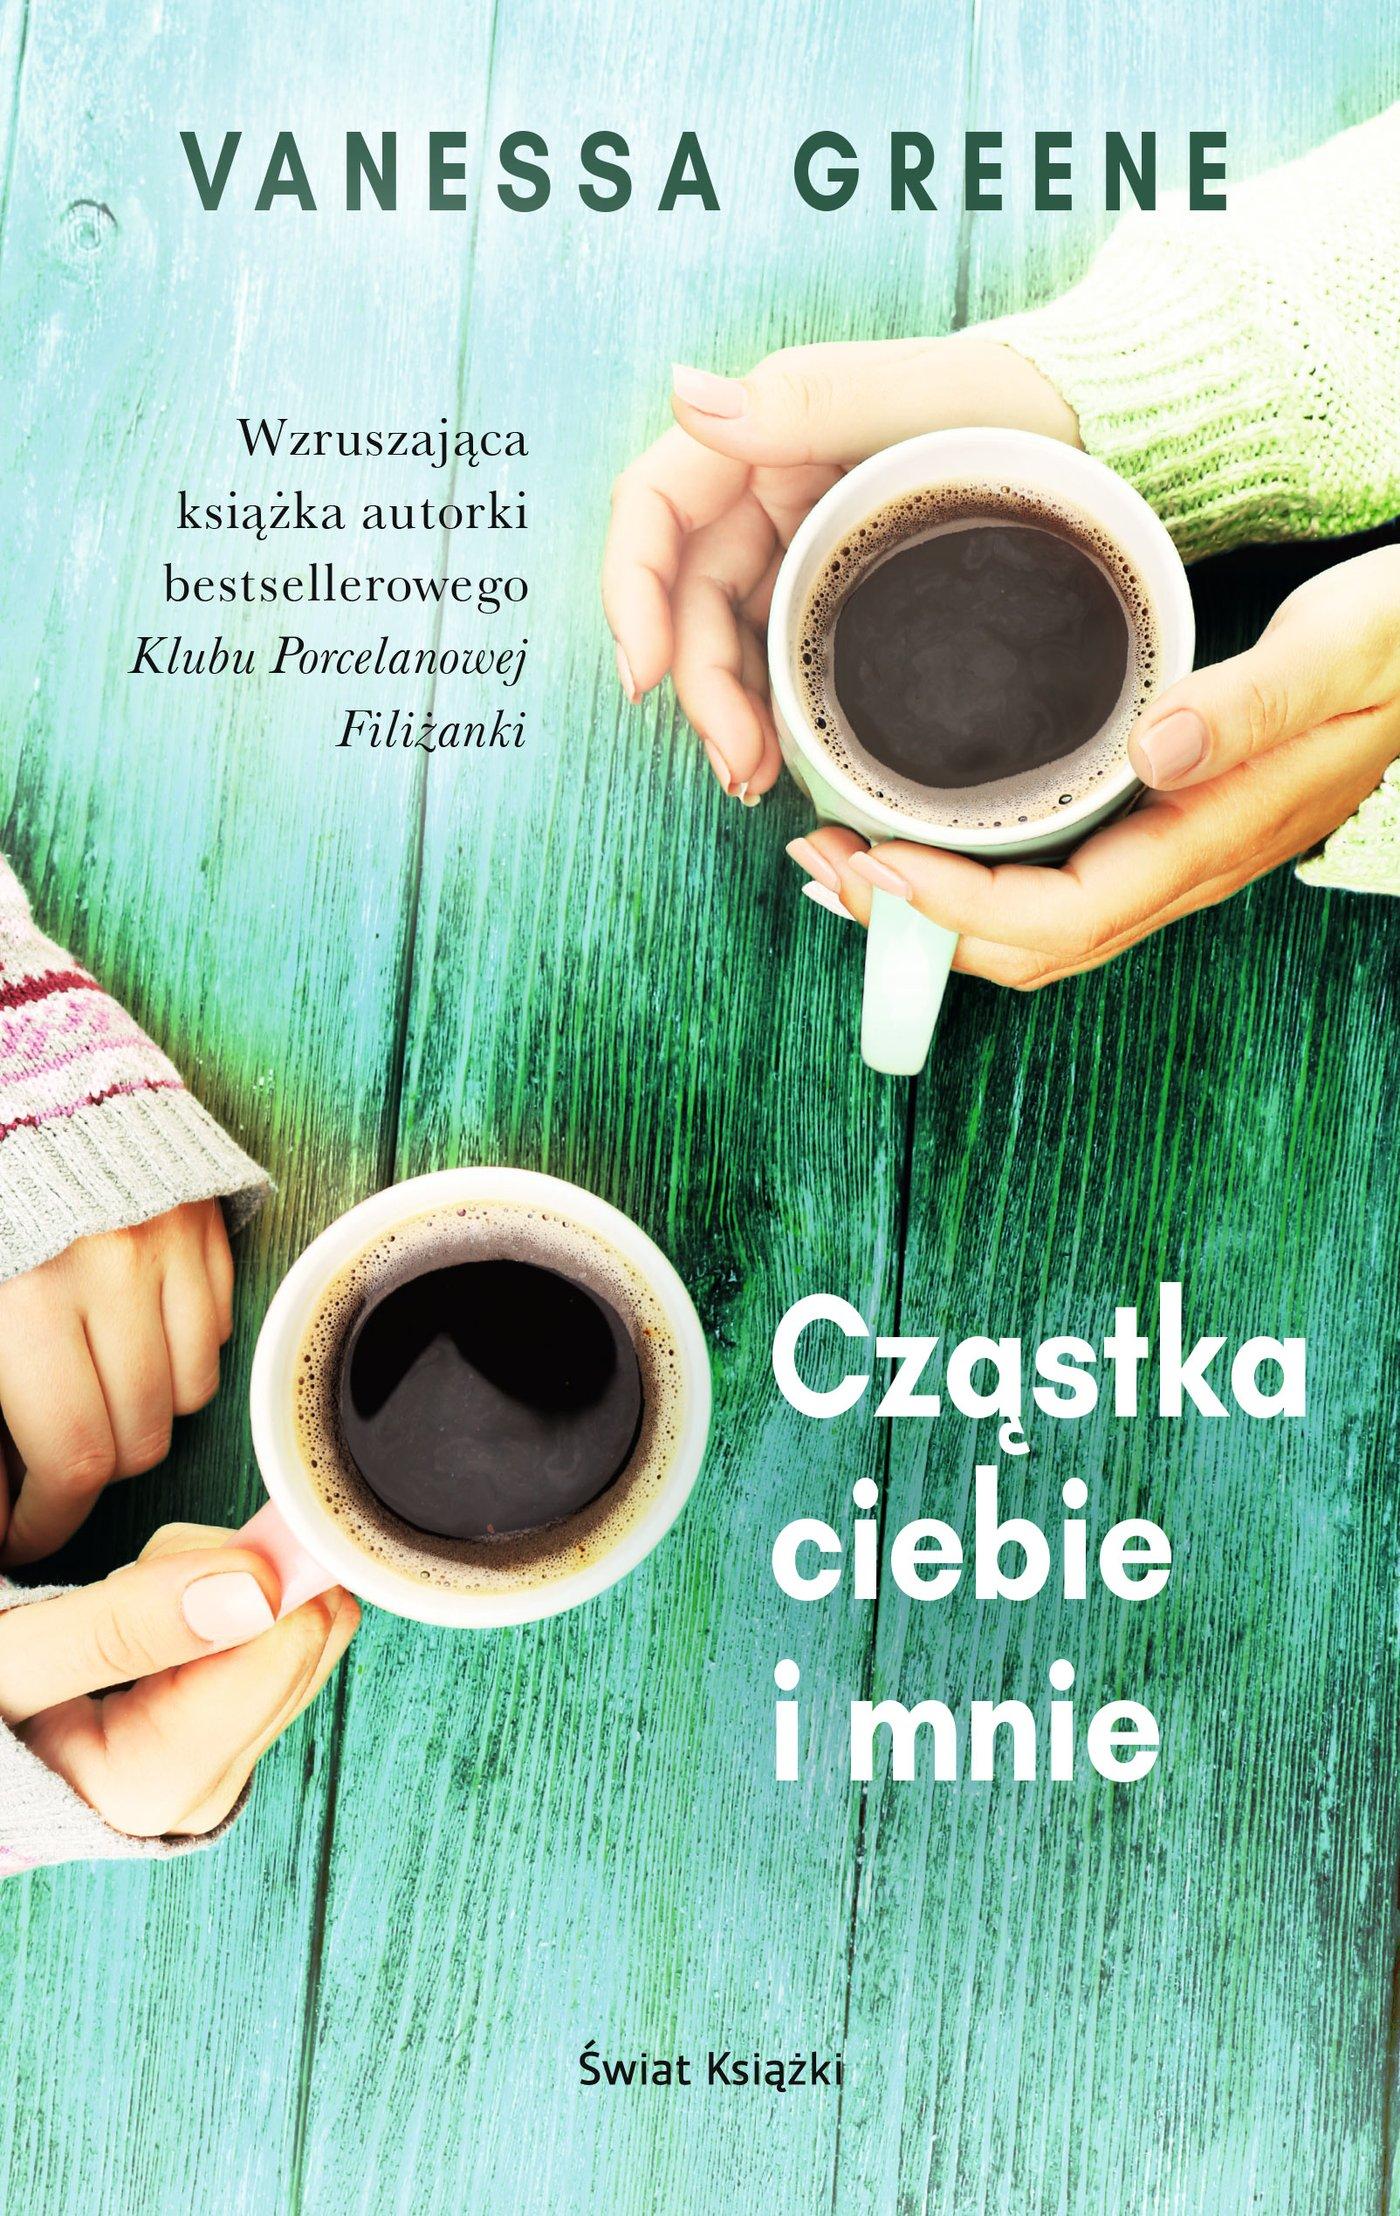 Cząstka ciebie i mnie - Ebook (Książka EPUB) do pobrania w formacie EPUB